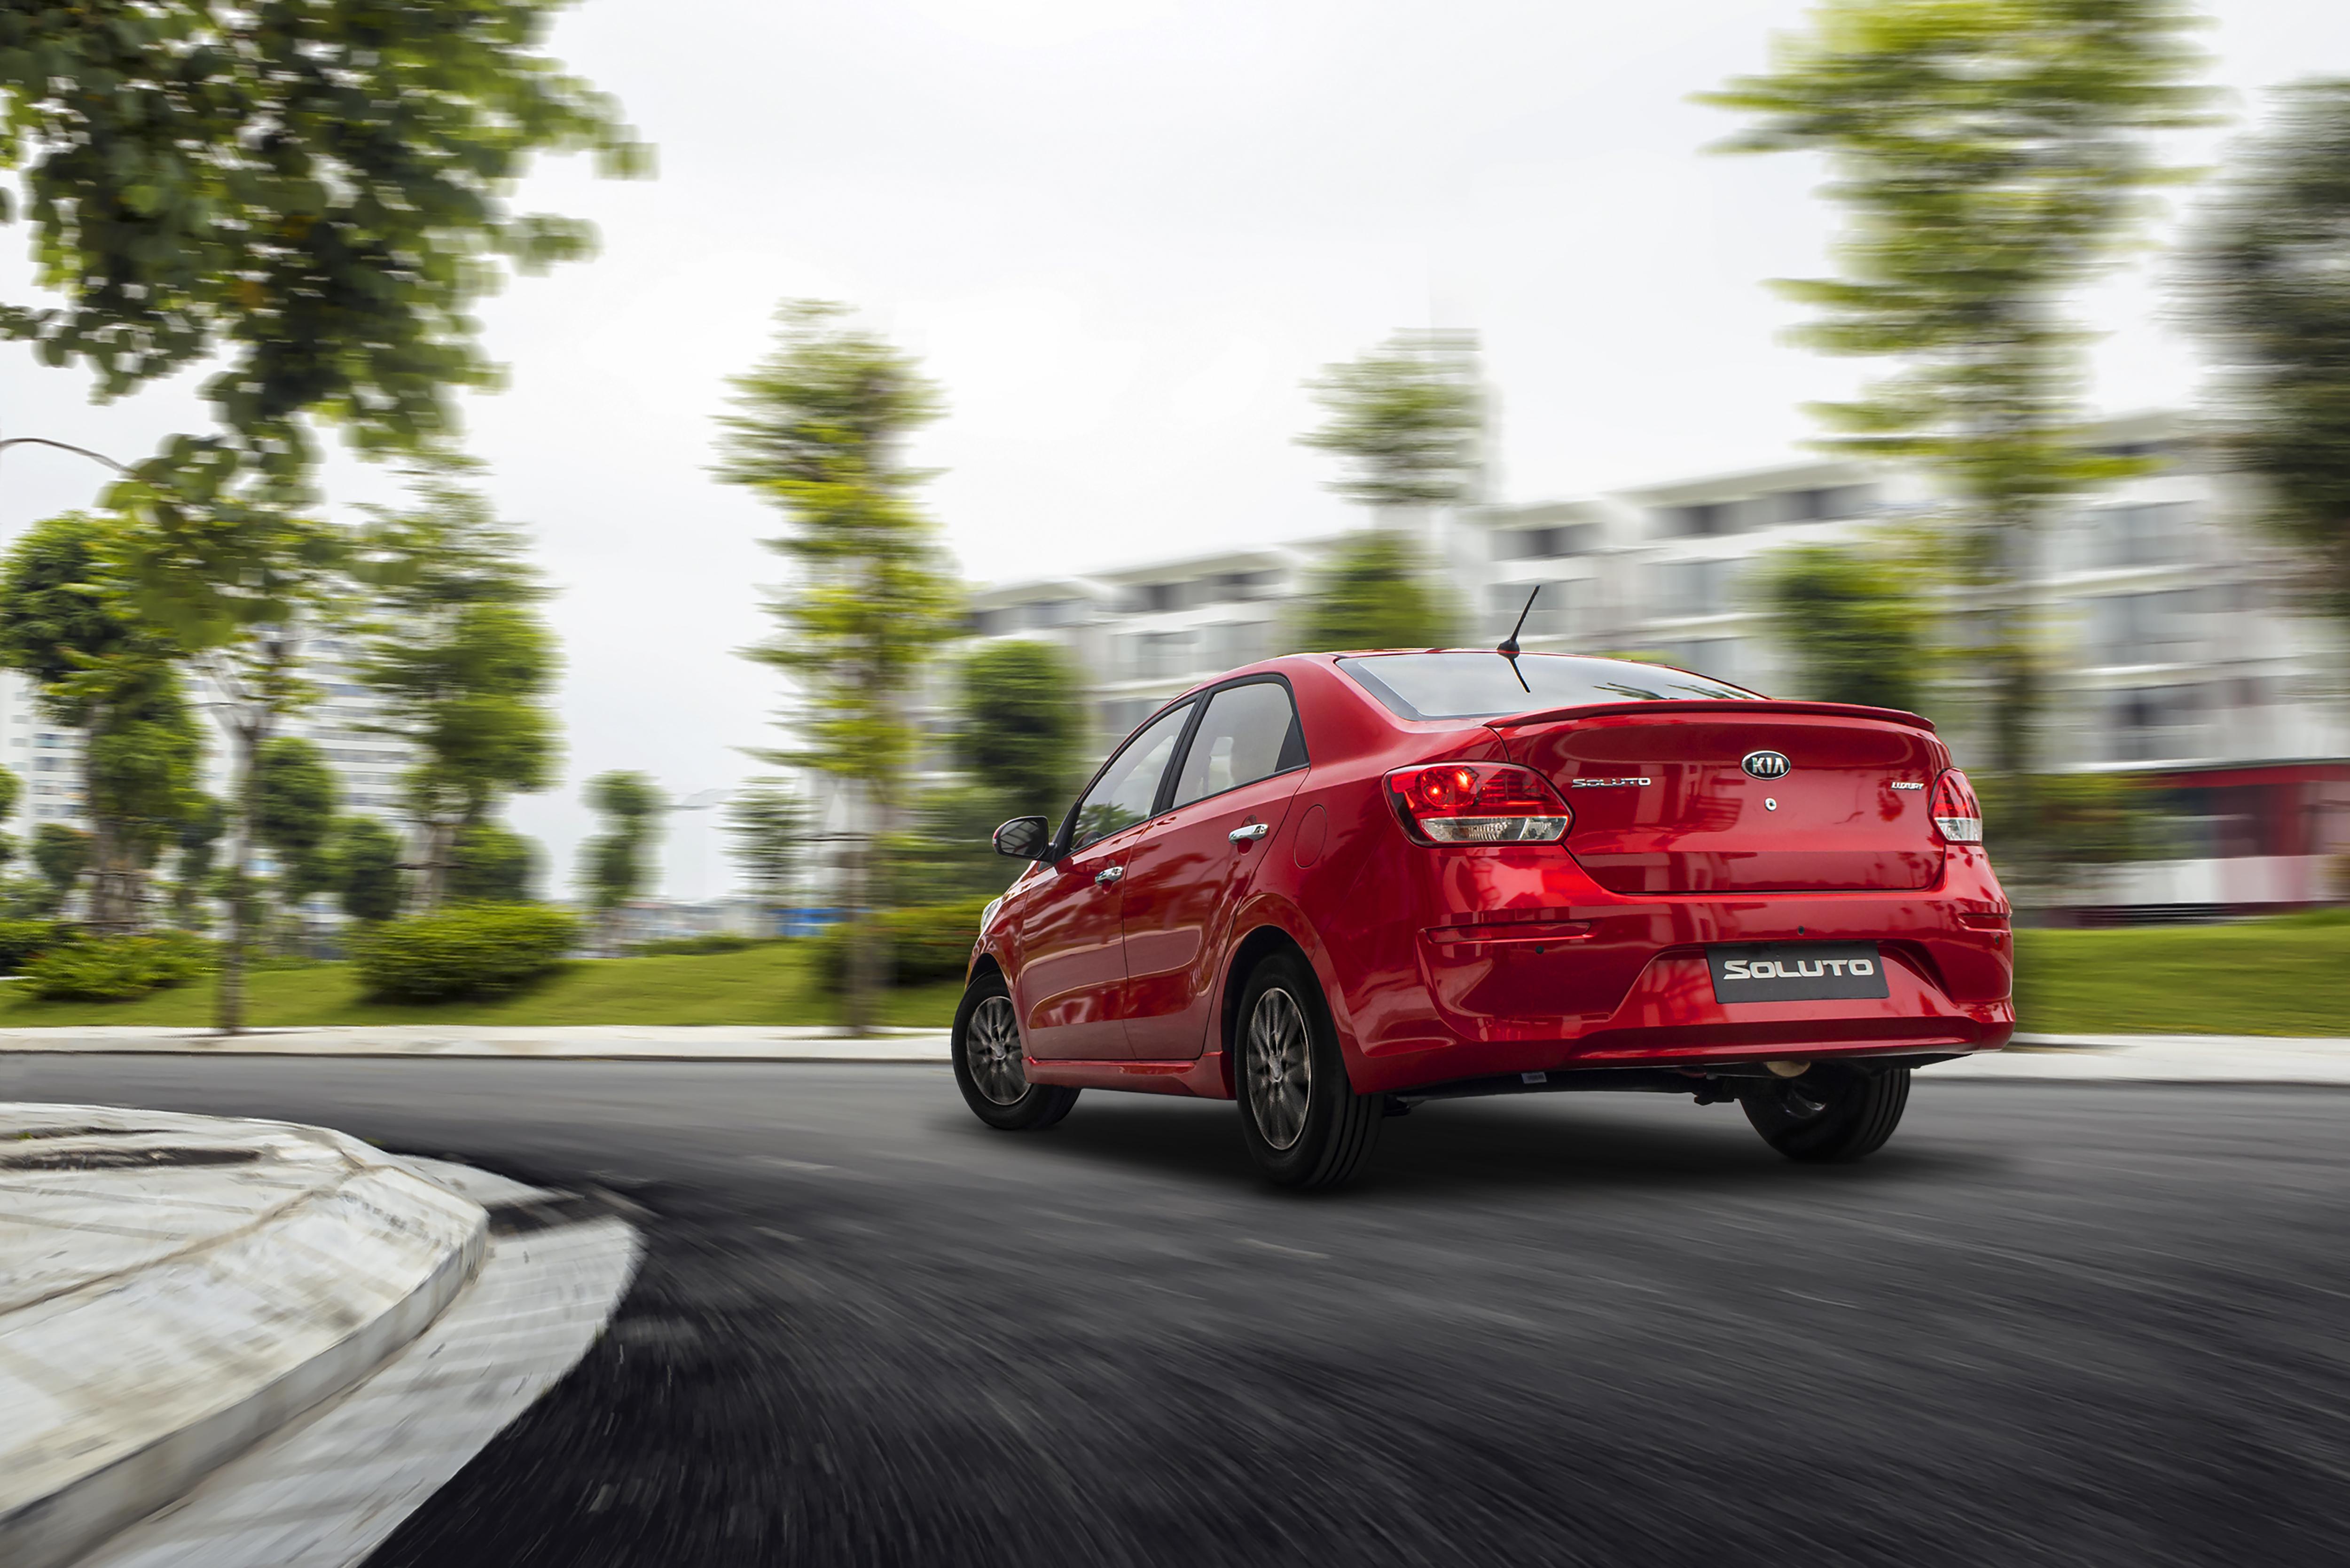 Kia Soluto: lựa chọn phù hợp cho lần đầu mua xe kia-soluto-04.jpeg